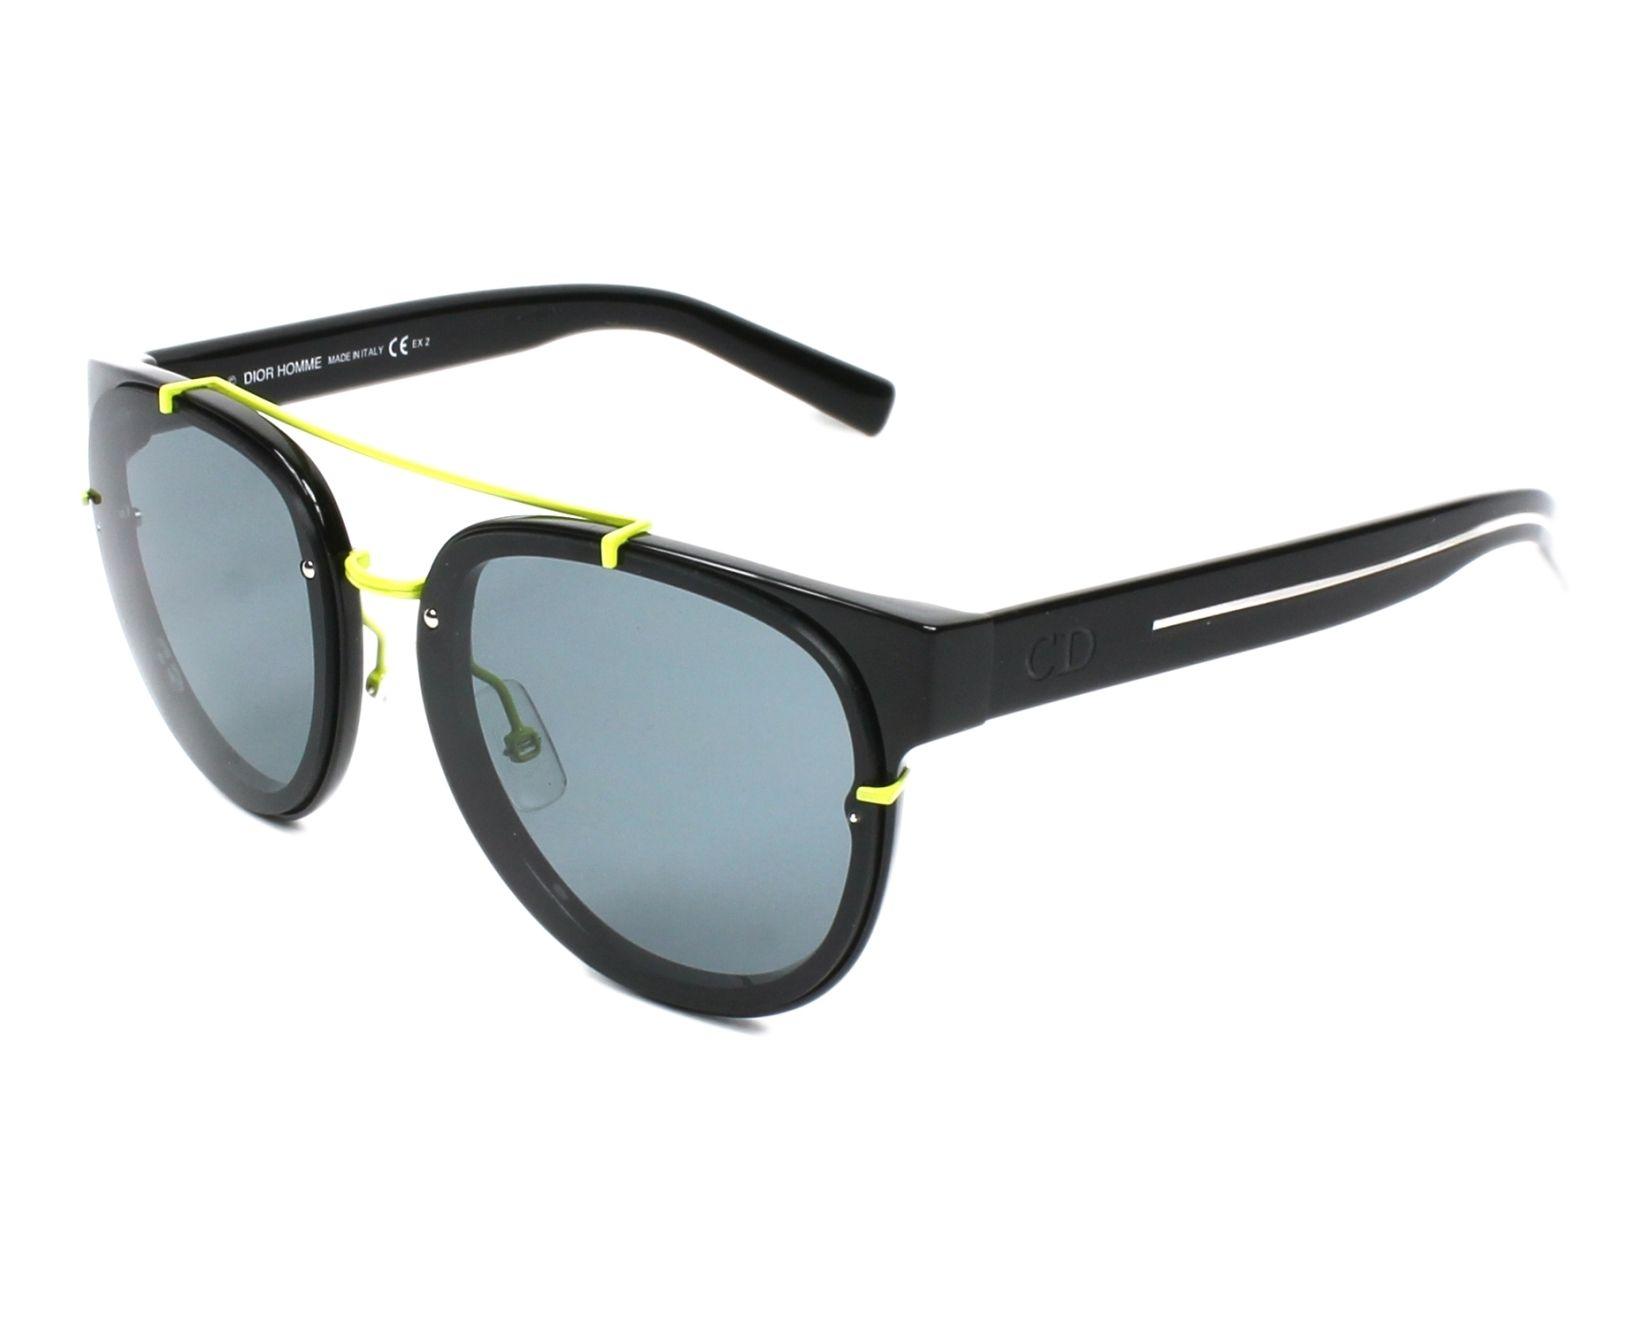 Lunettes de soleil Christian Dior BLACKTIE-143-S E3Z 24 - Noir Jaune a7b2293f24b7